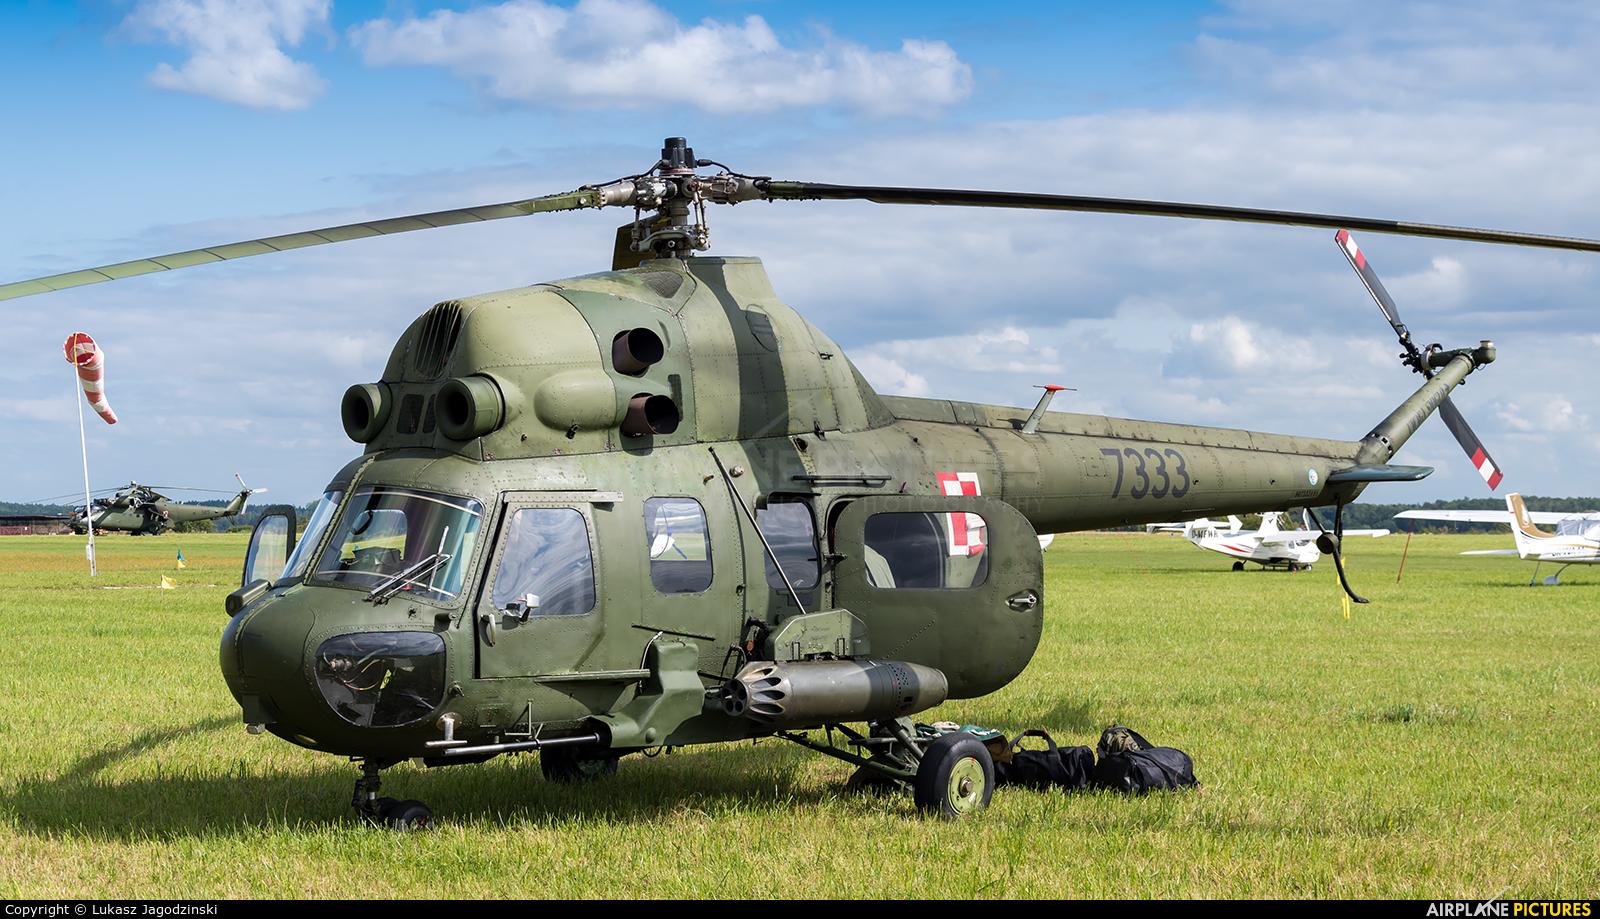 Poland - Army 7333 aircraft at Kętrzyn - Wilamowo